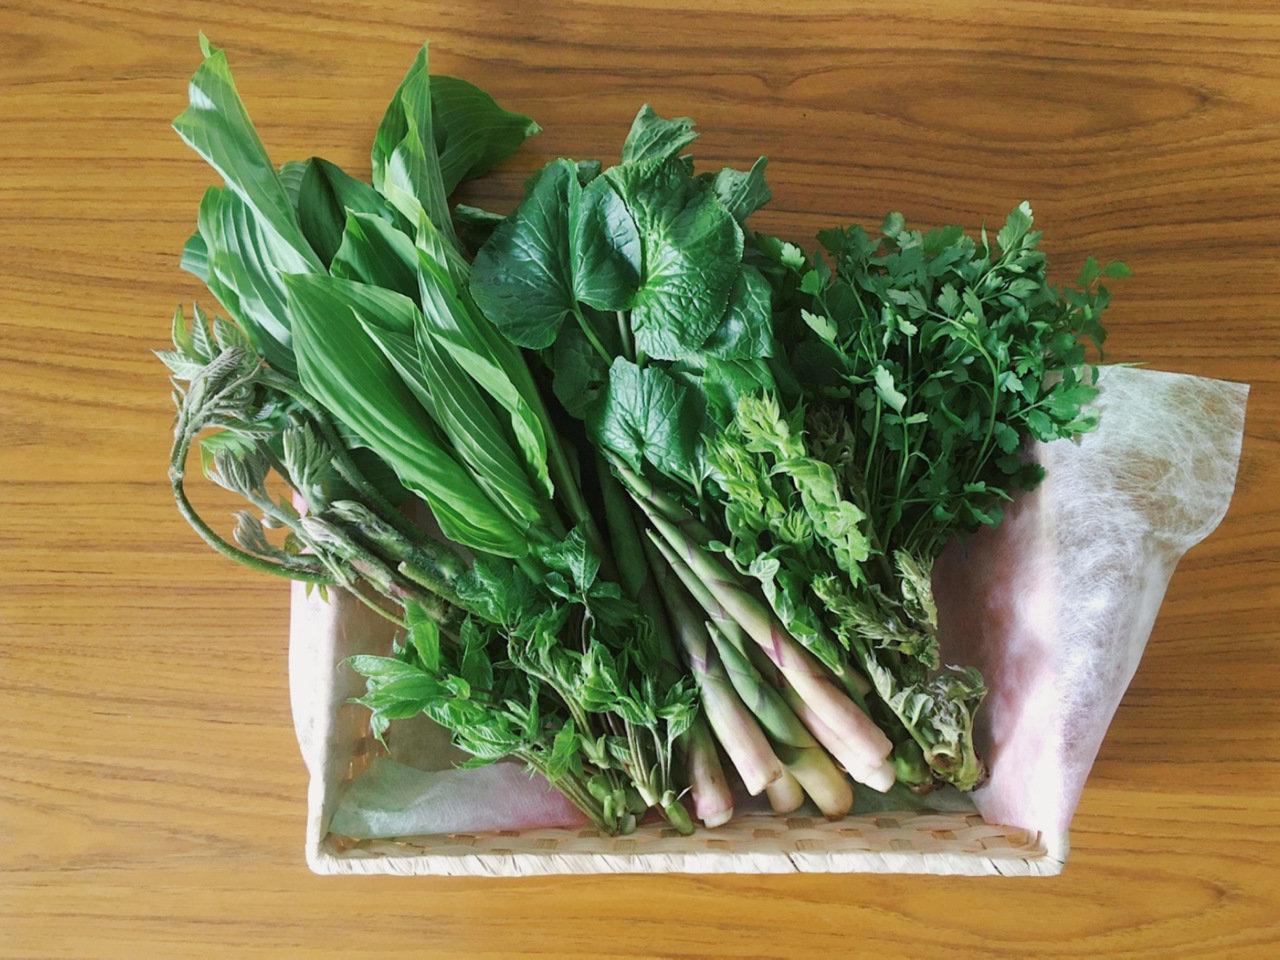 トガプロジェクトが「春のとがとくらす山菜セット」の販売をスタートしました。